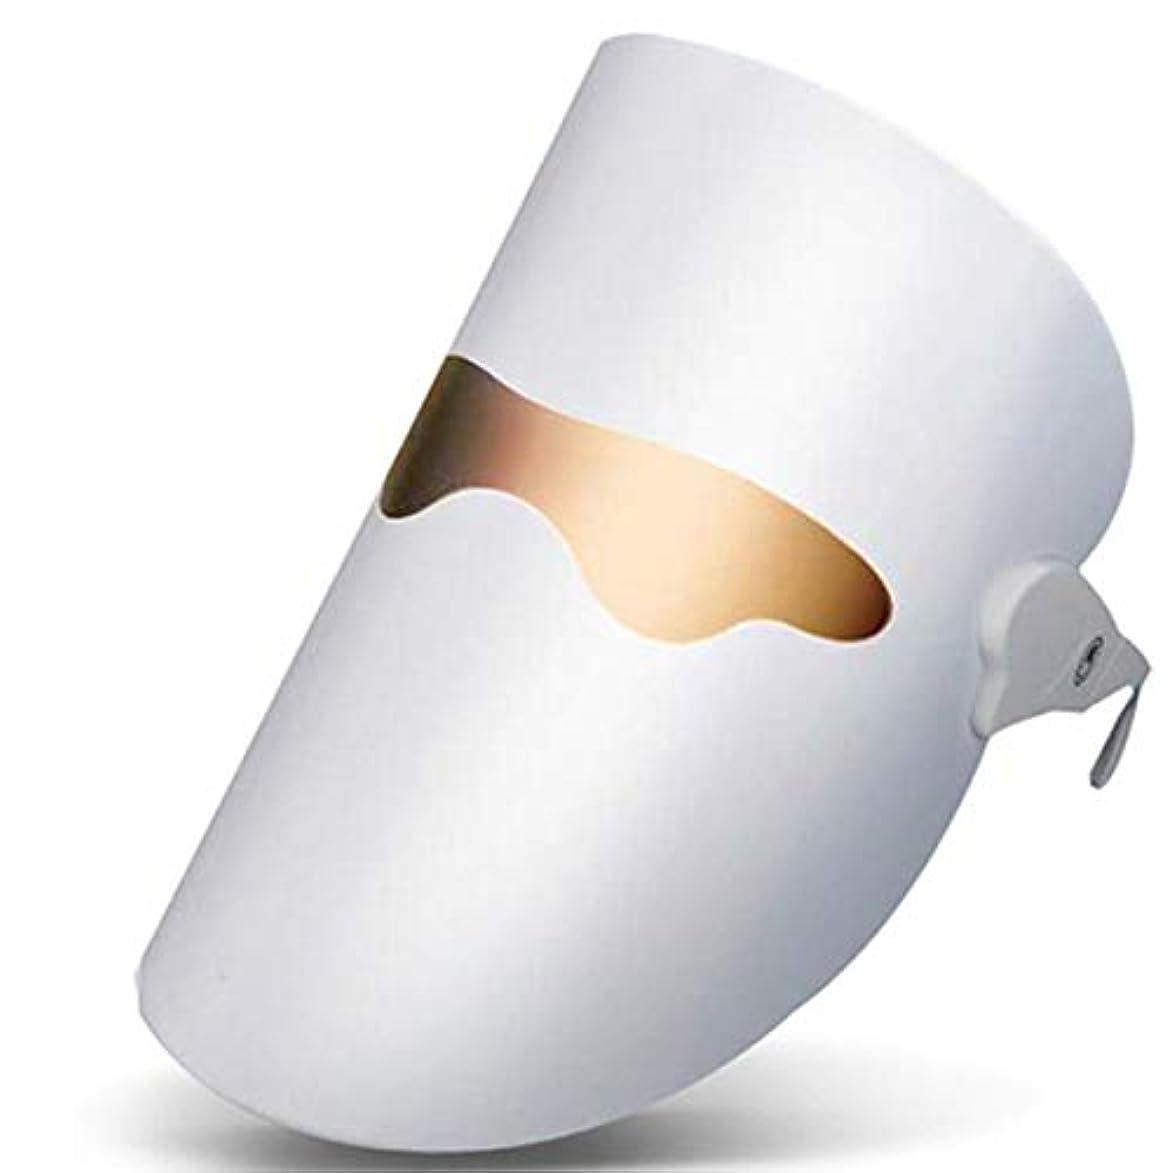 広告コンクリート差し迫った美顔器 光エステ LED美顔マスク 3色 美容 たるみ ほうれい線 美肌 ニキビ対策 コラーゲン生成 美白 エイジングケア電気